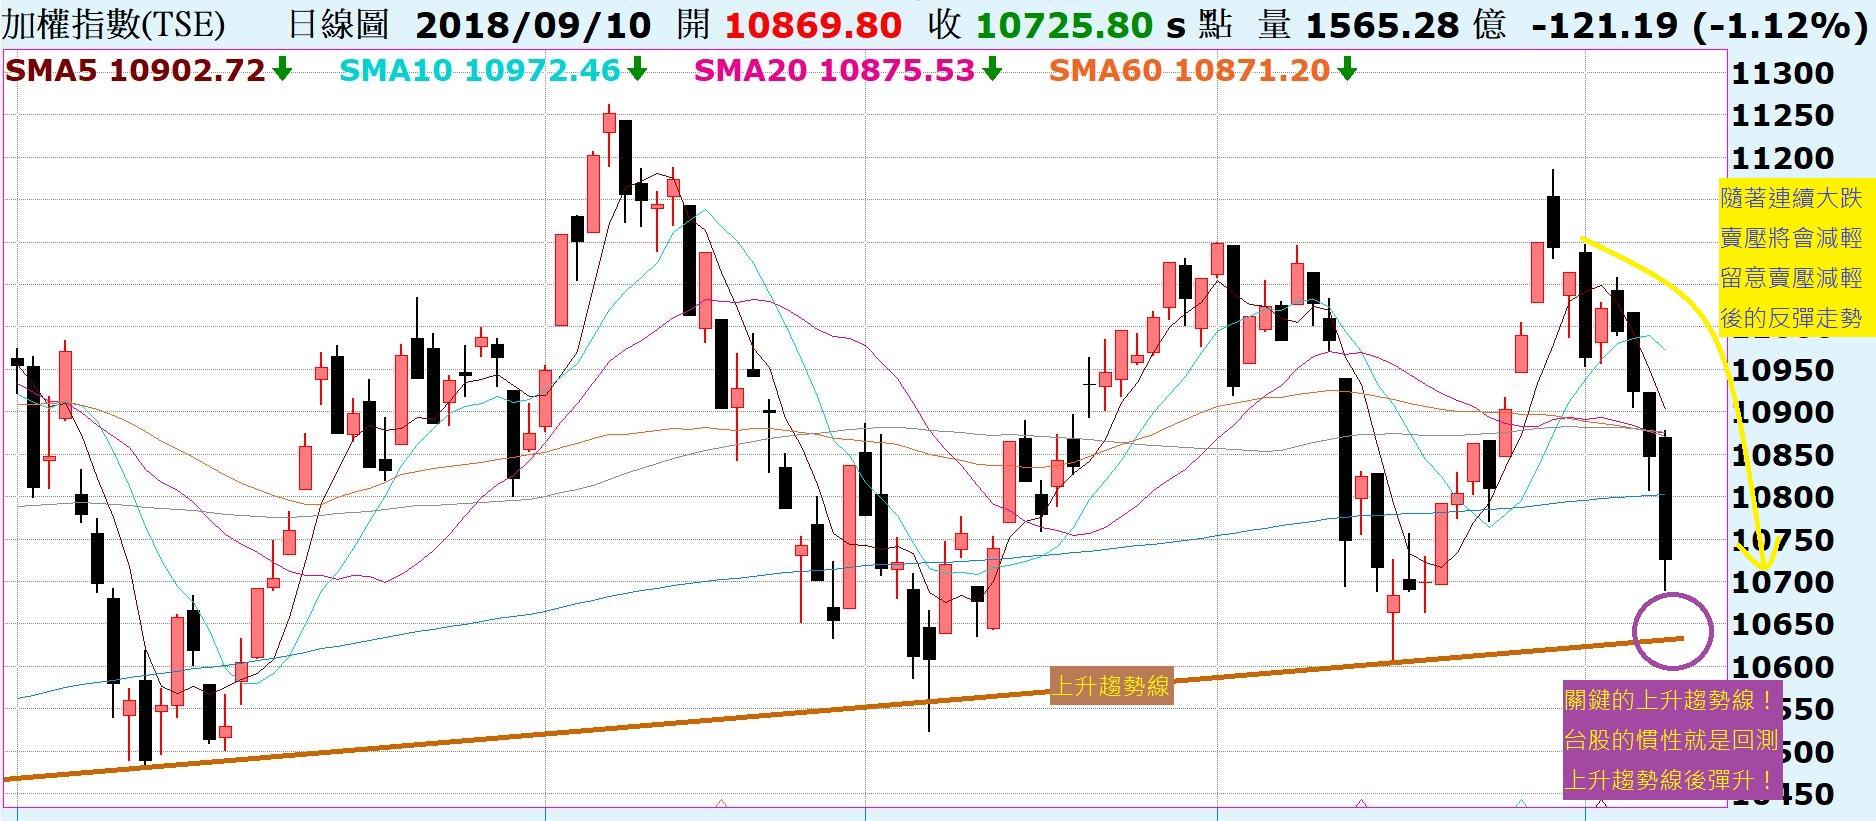 台股的慣性,回測上升趨勢線後彈升!陸股上證指數再度回測前低支撐,能否有守將是關鍵!